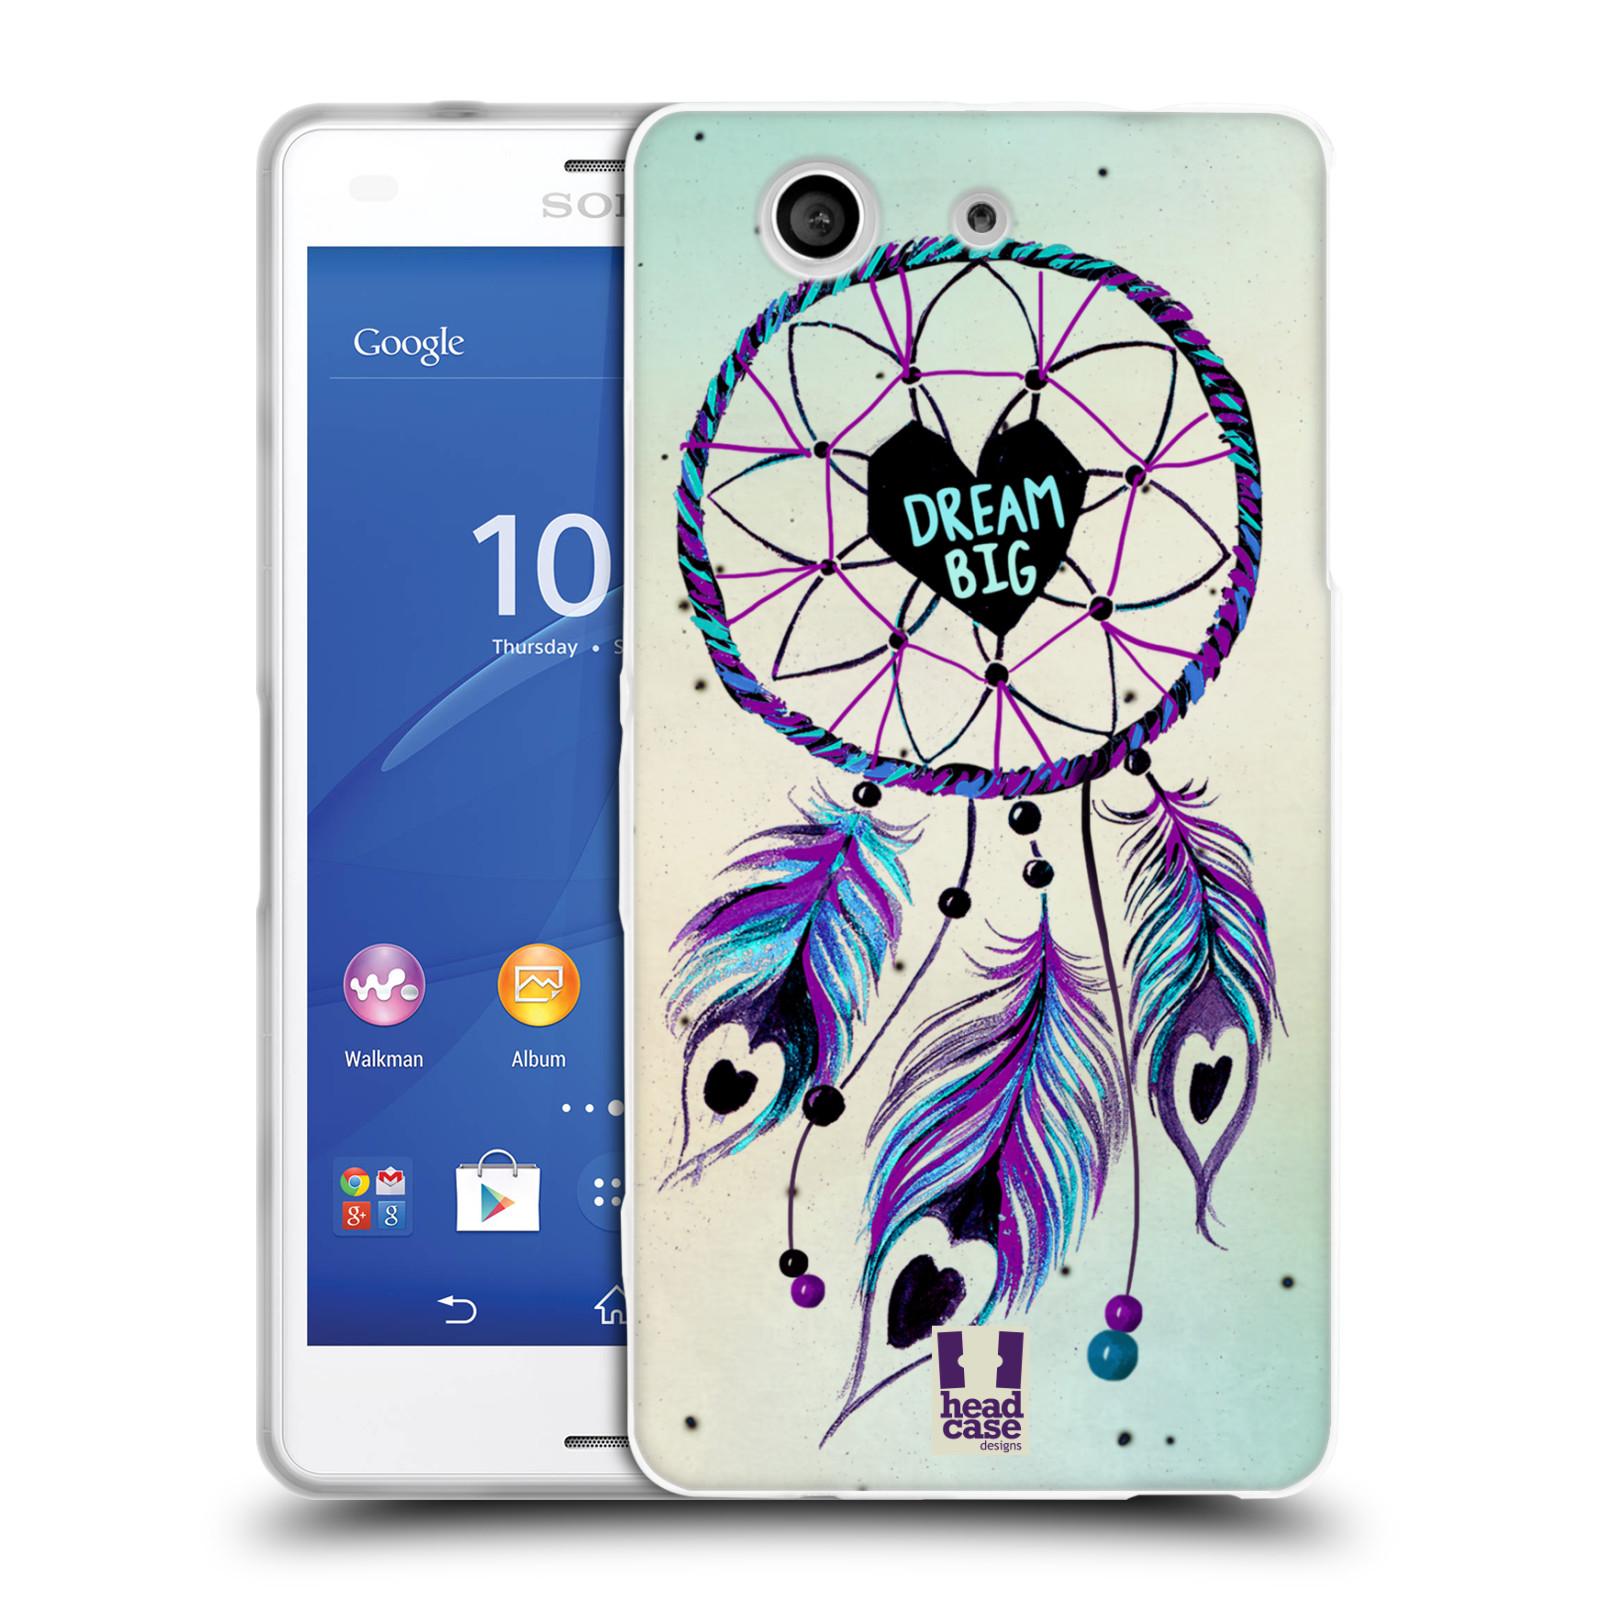 Silikonové pouzdro na mobil Sony Xperia Z3 Compact D5803 HEAD CASE Lapač Assorted Dream Big Srdce